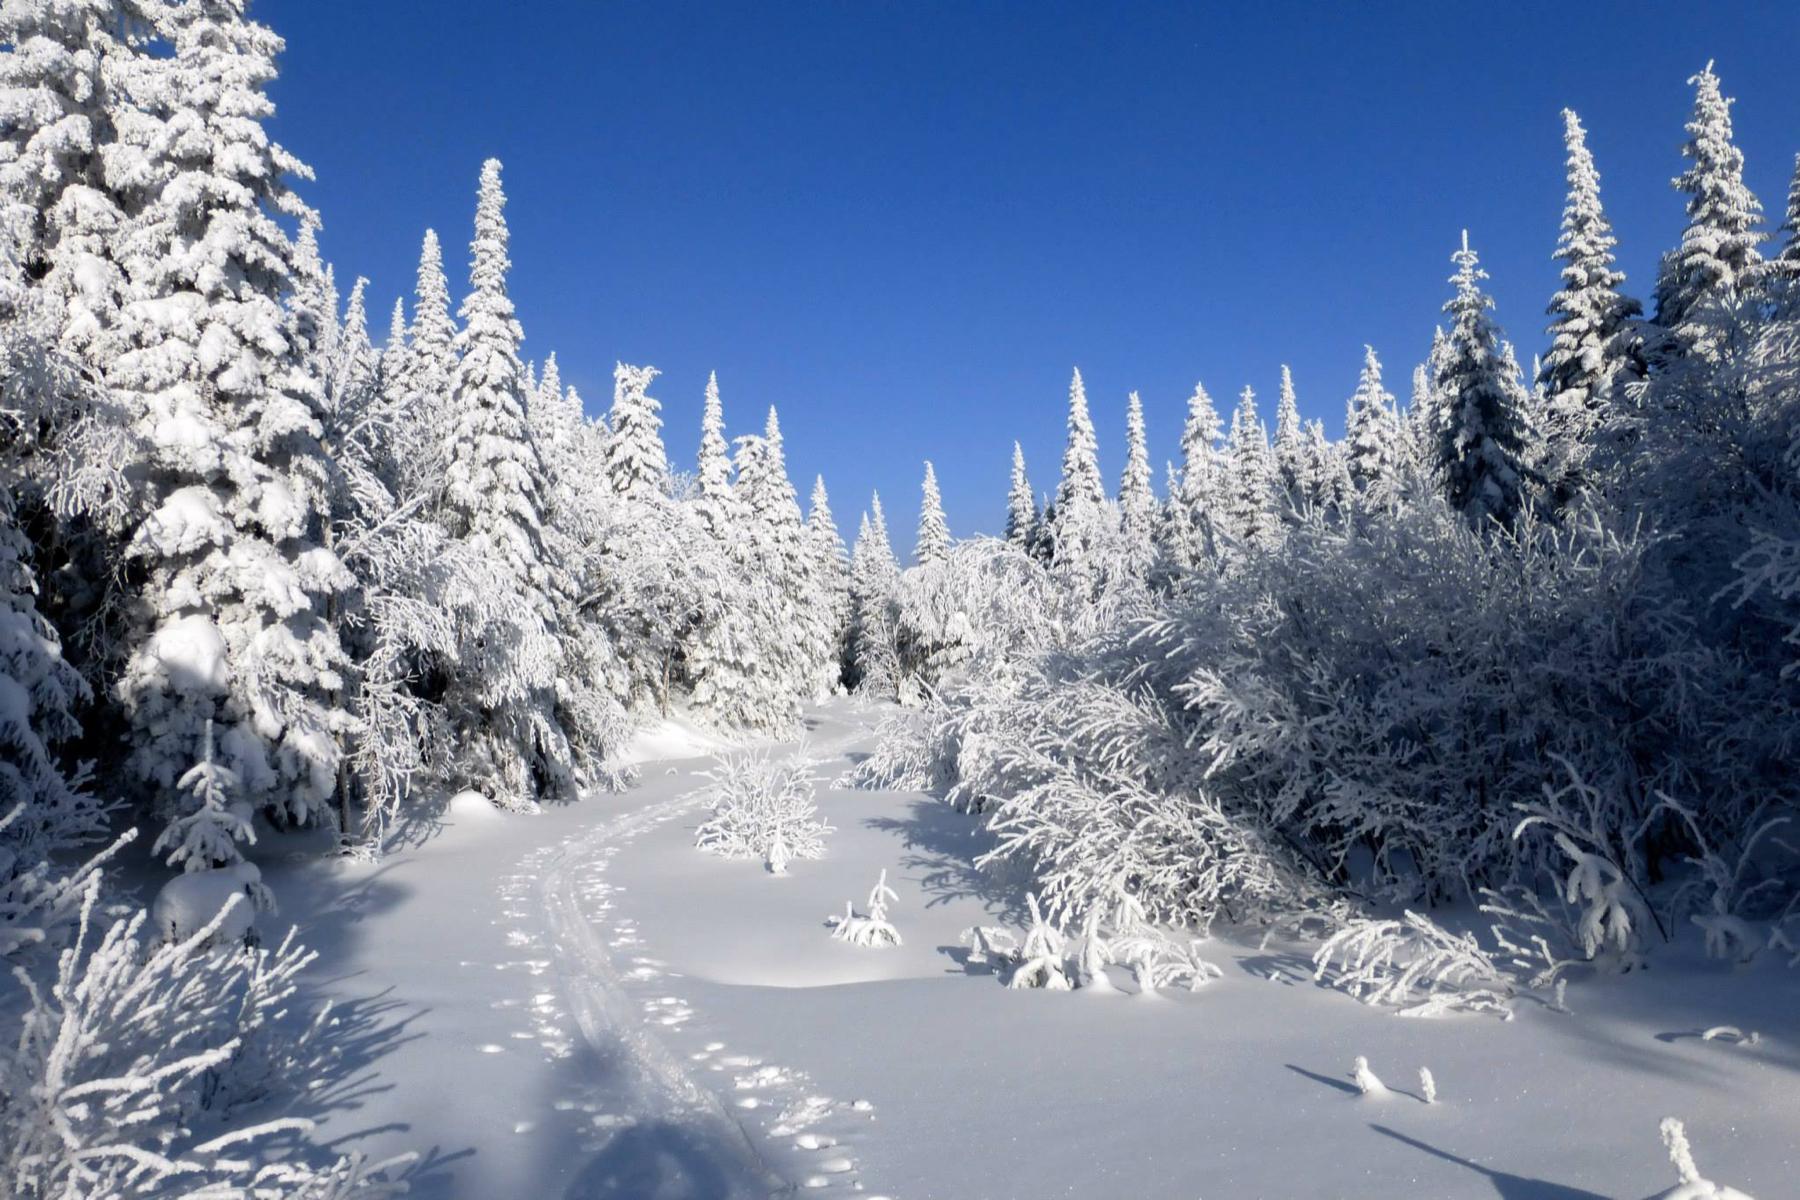 parc-montagne-du-diable-paysage-00038_1800x1200